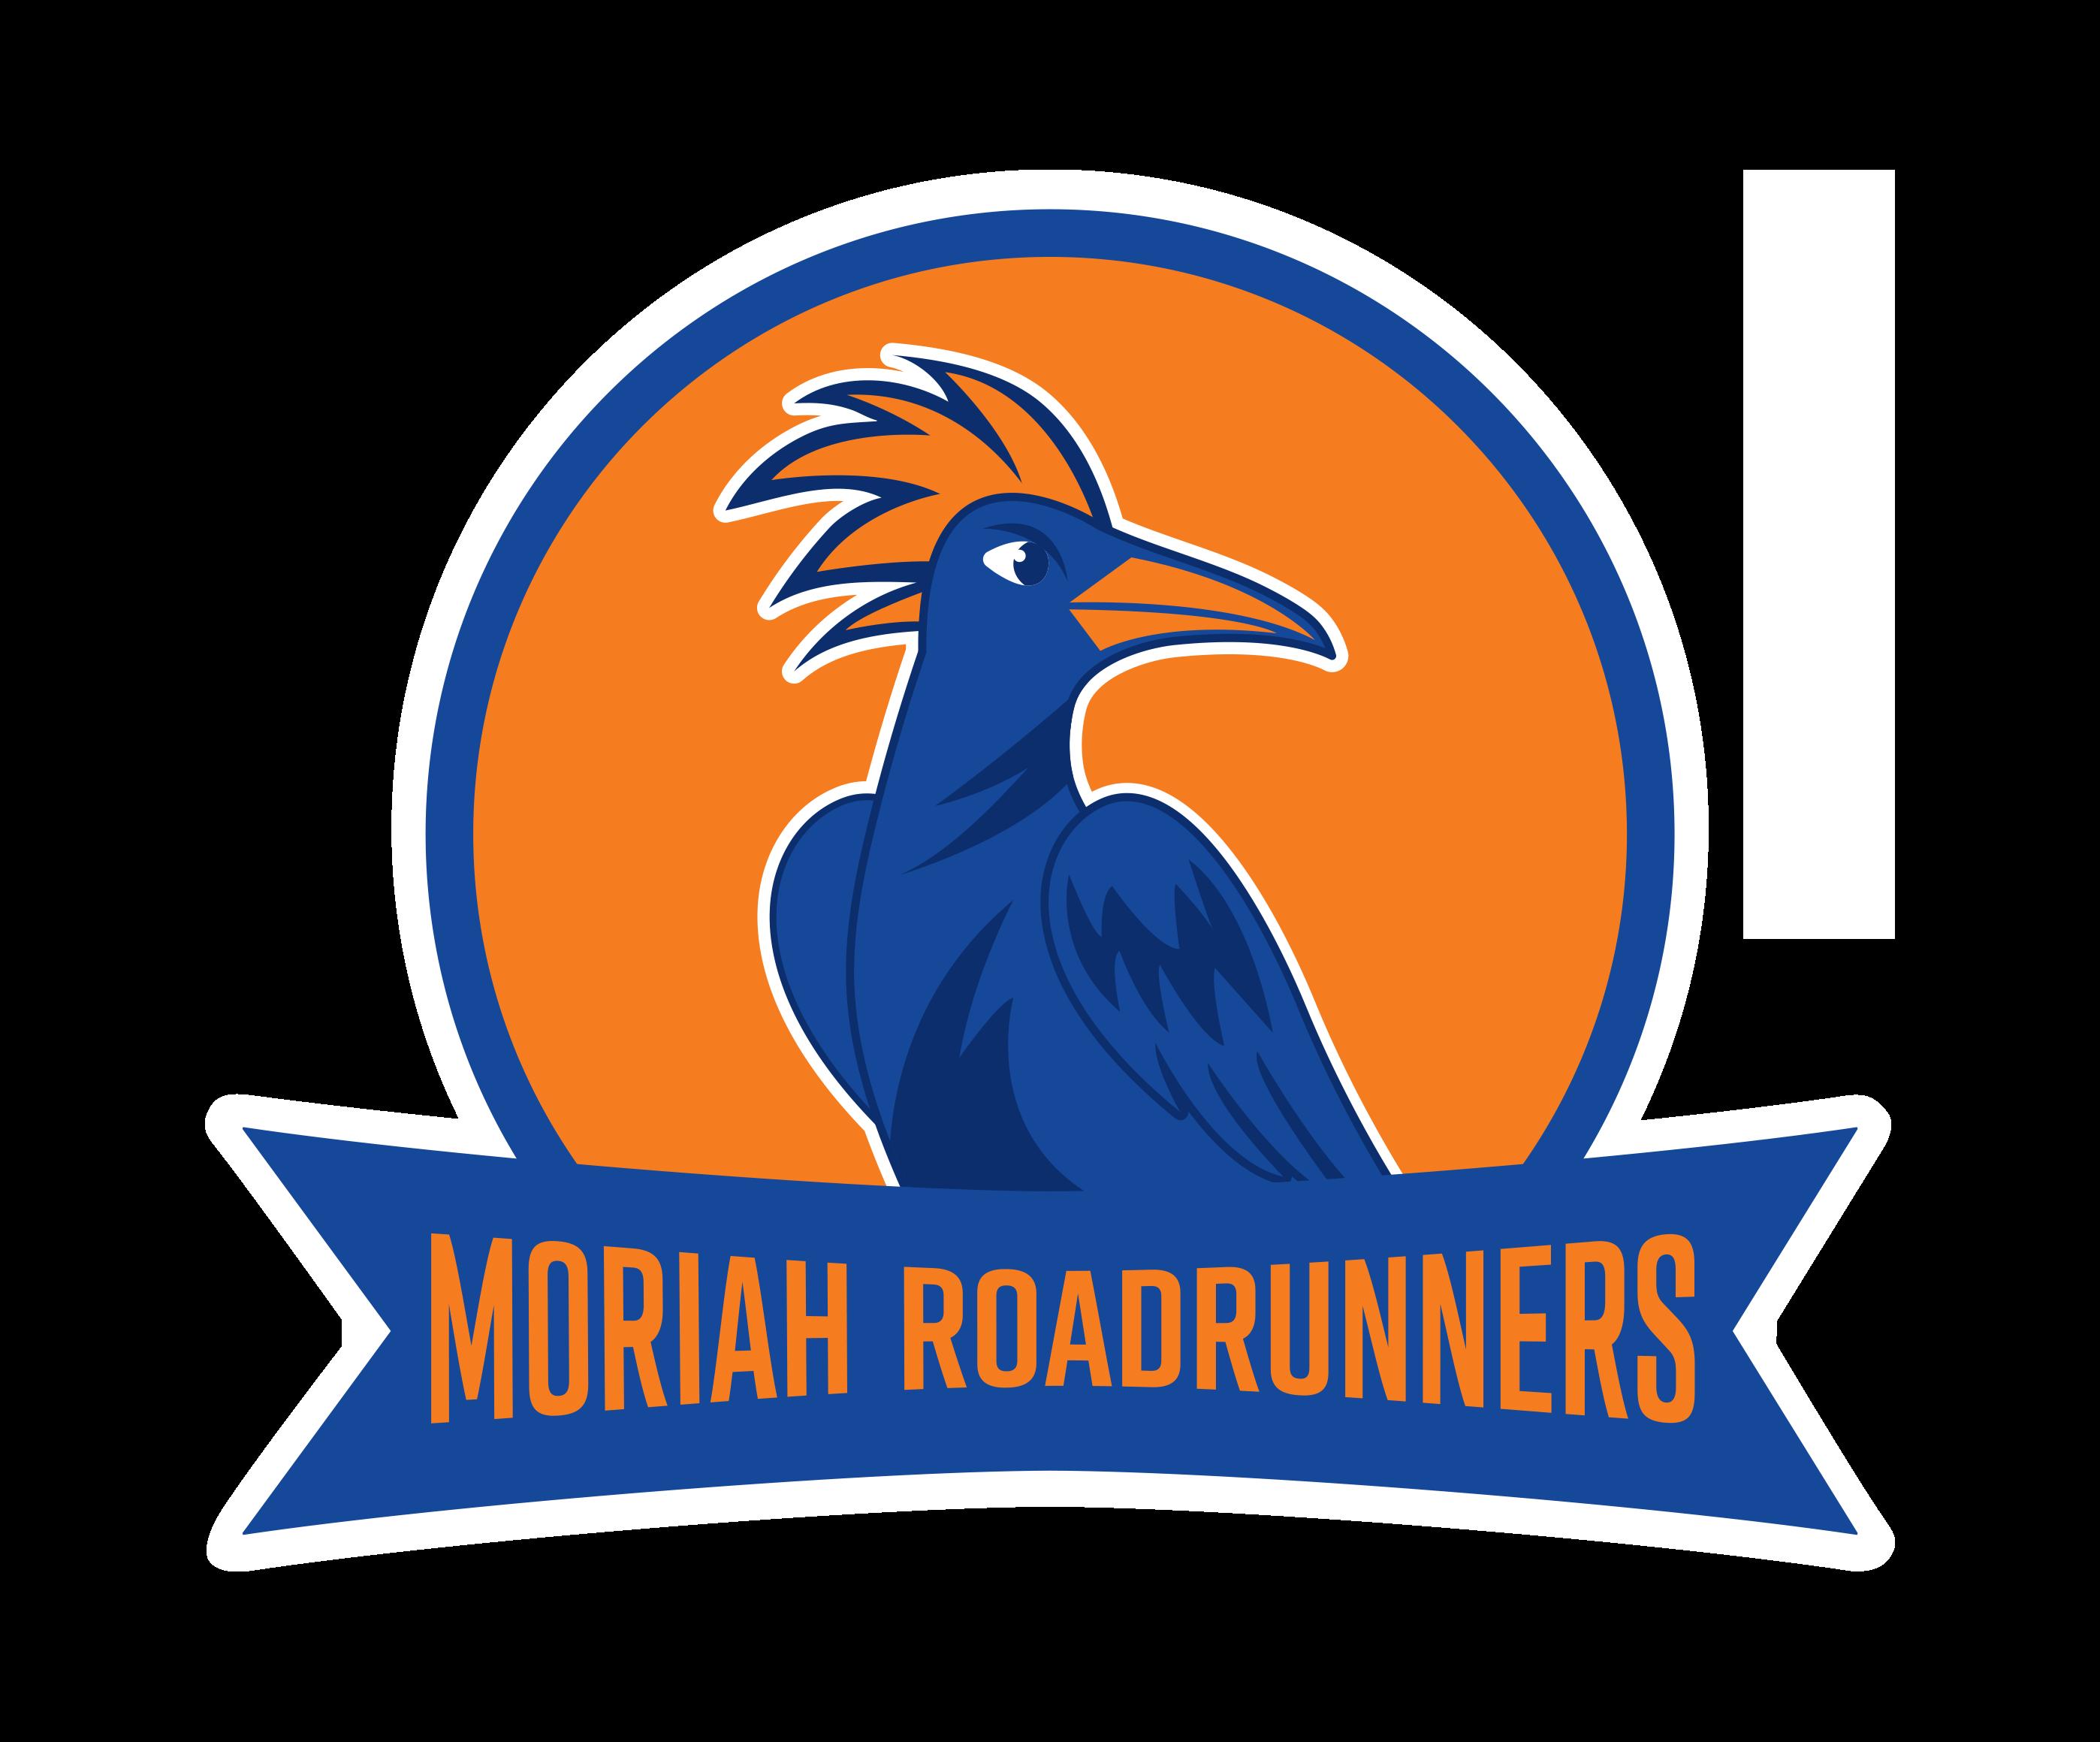 Roadrunner basketball clipart picture black and white Moriah Roadrunners picture black and white